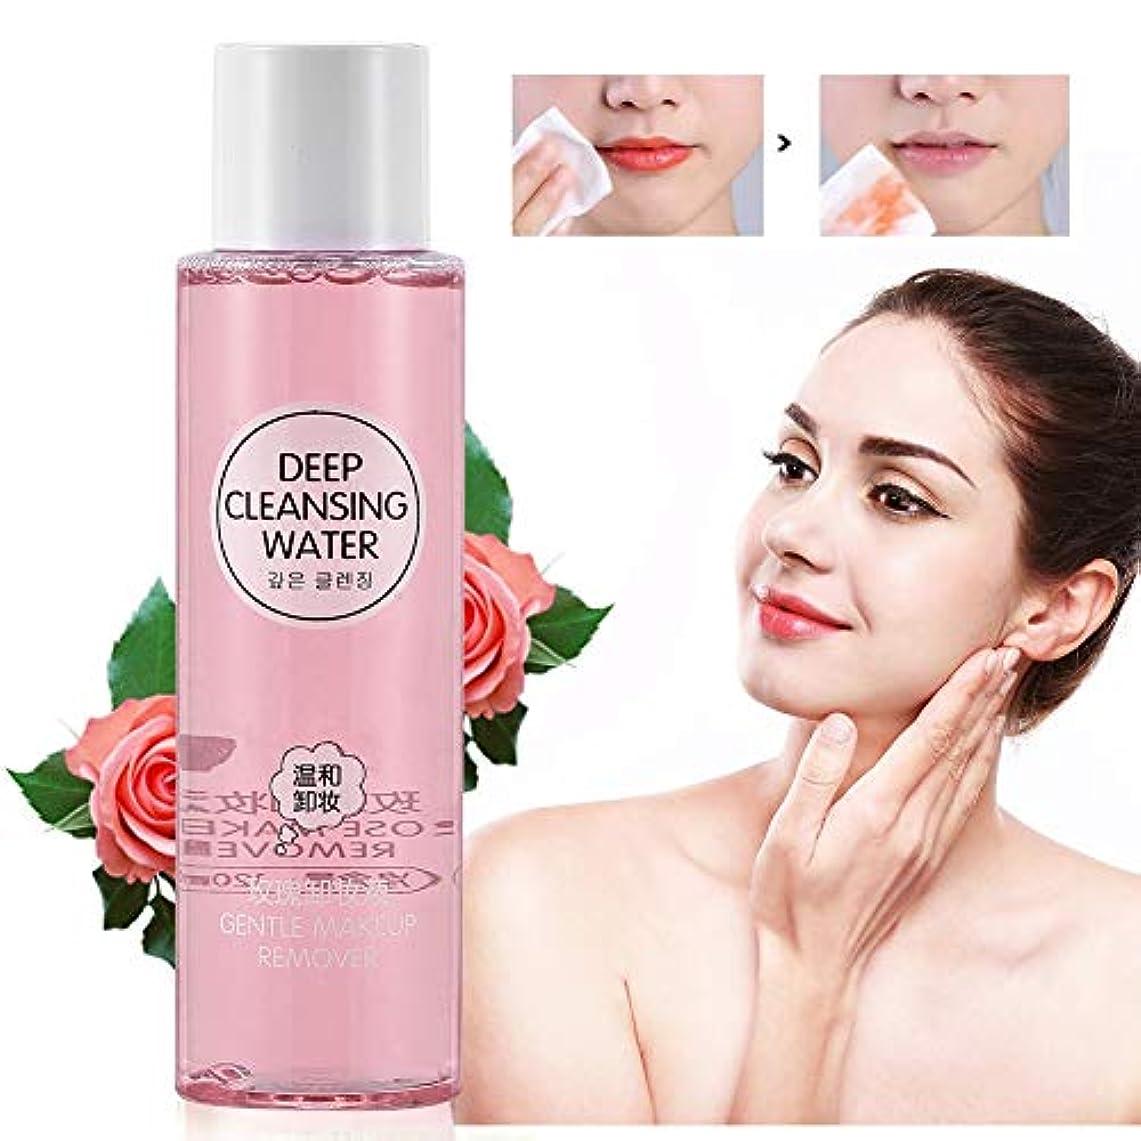 切る枯れる唇や目 120mlのメイクアップリムーバー肌の毛穴のディープクレンジング穏やかで刺激のないフェイスメイクアップ化粧品の効率的な除去